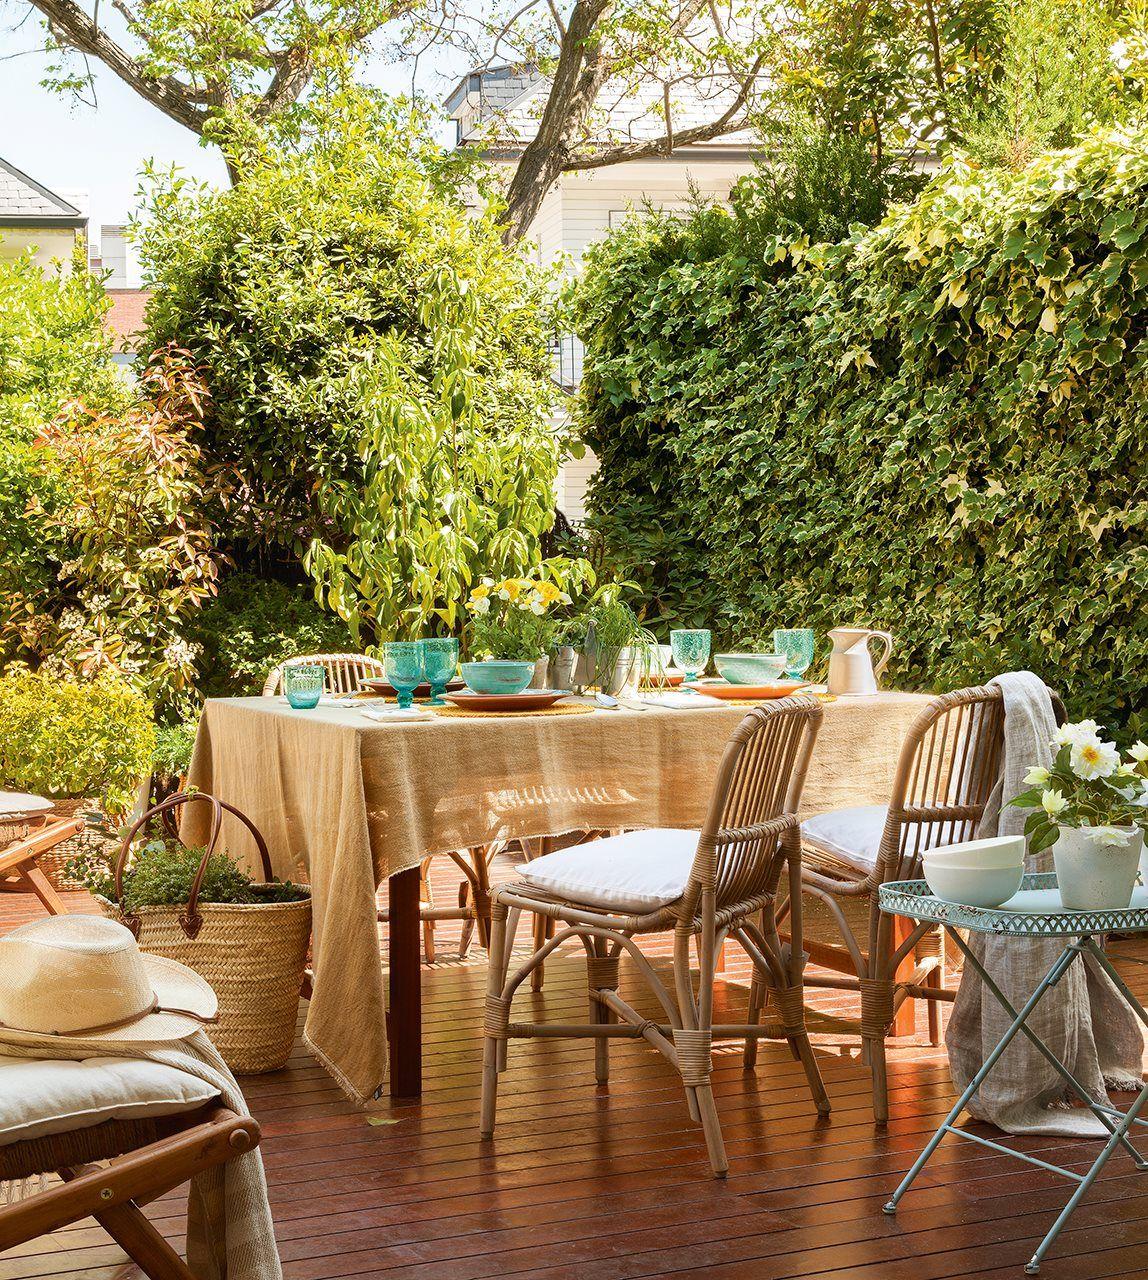 Comedor exterior   Casas, Terrazas y Comedores